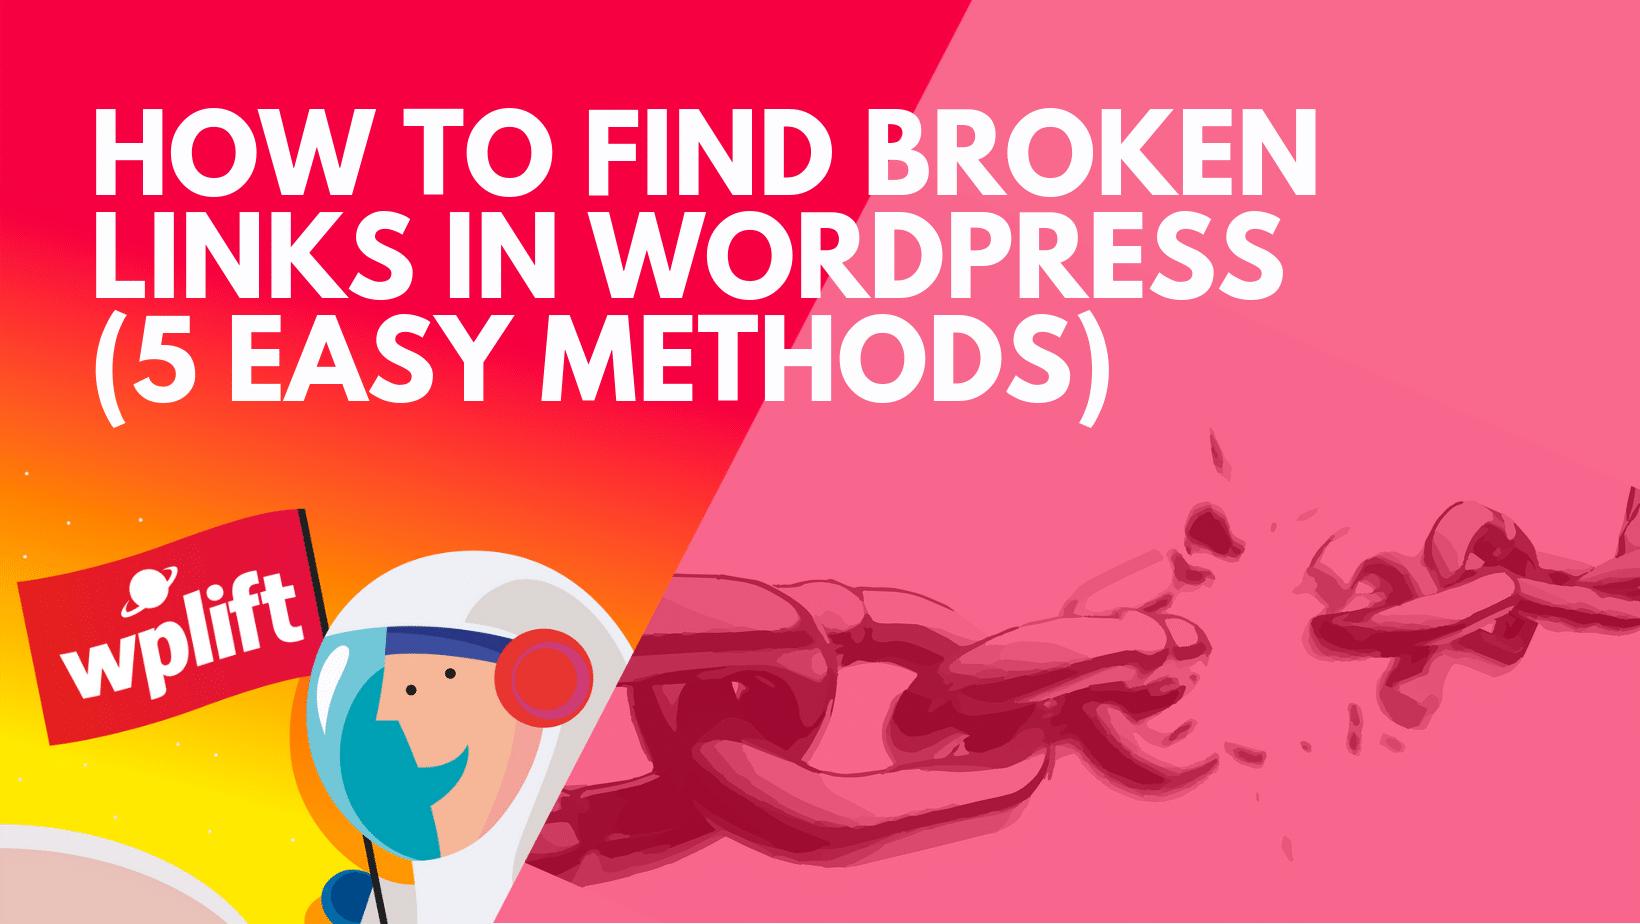 How to Find Broken Links in WordPress (5 Easy Methods)